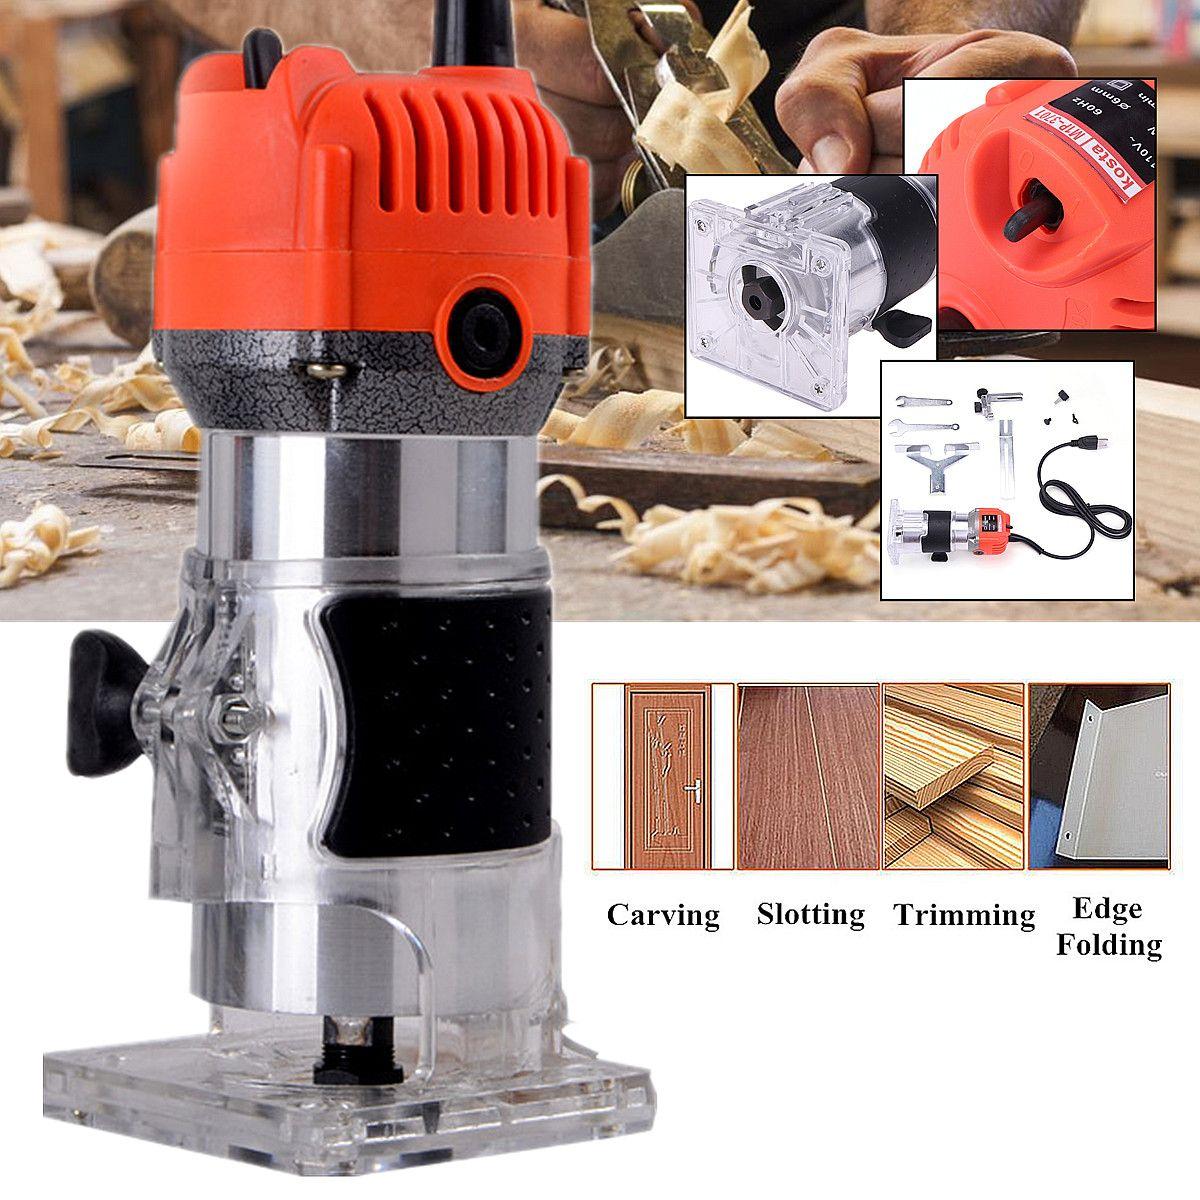 110 v 750 watt 1/4 60 hz 30000r/min Corded Elektrische Hand Trimmer Holz Laminator Router Pvc-h-streifen Schreiner Werkzeuge externe Carbon Pinsel Lift Knopf